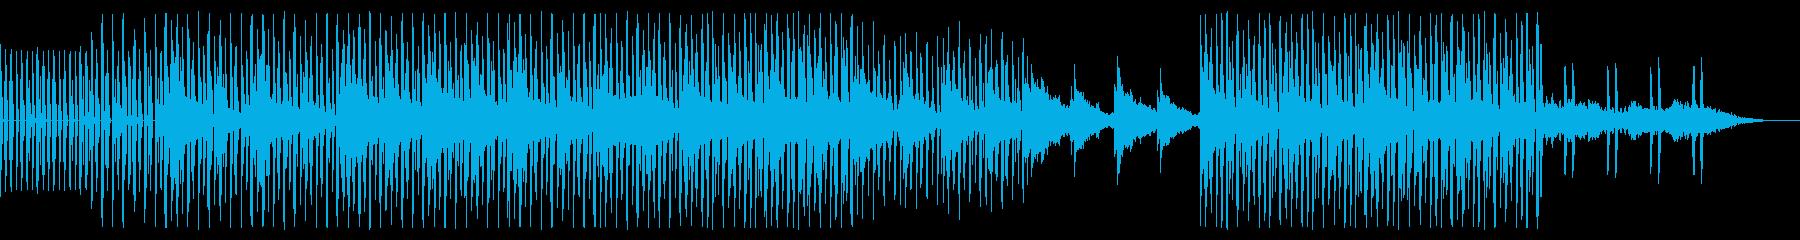 ギターのアルペジオが印象的な幻想的な楽曲の再生済みの波形